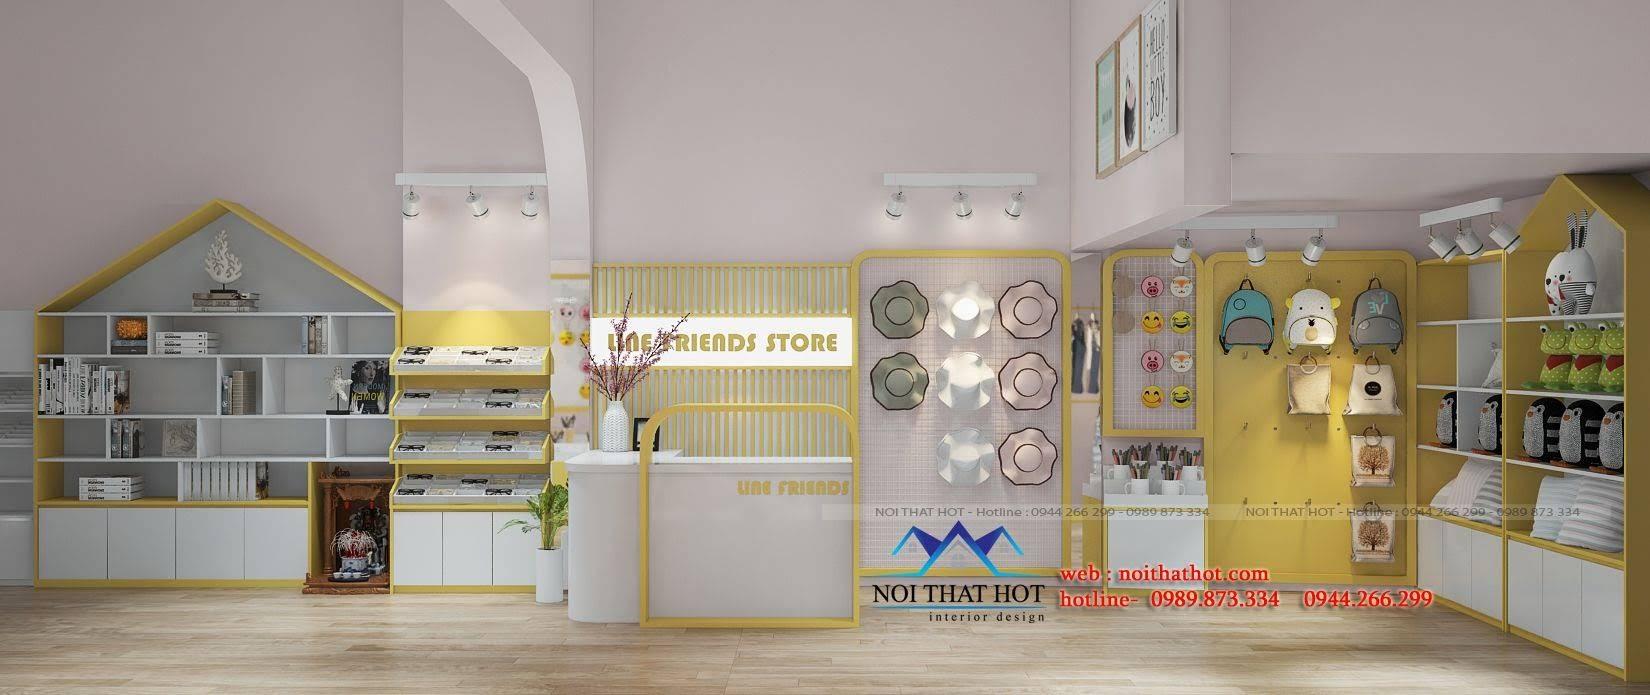 thiết kế cửa hàng lưu niệm tại lò đúc 2